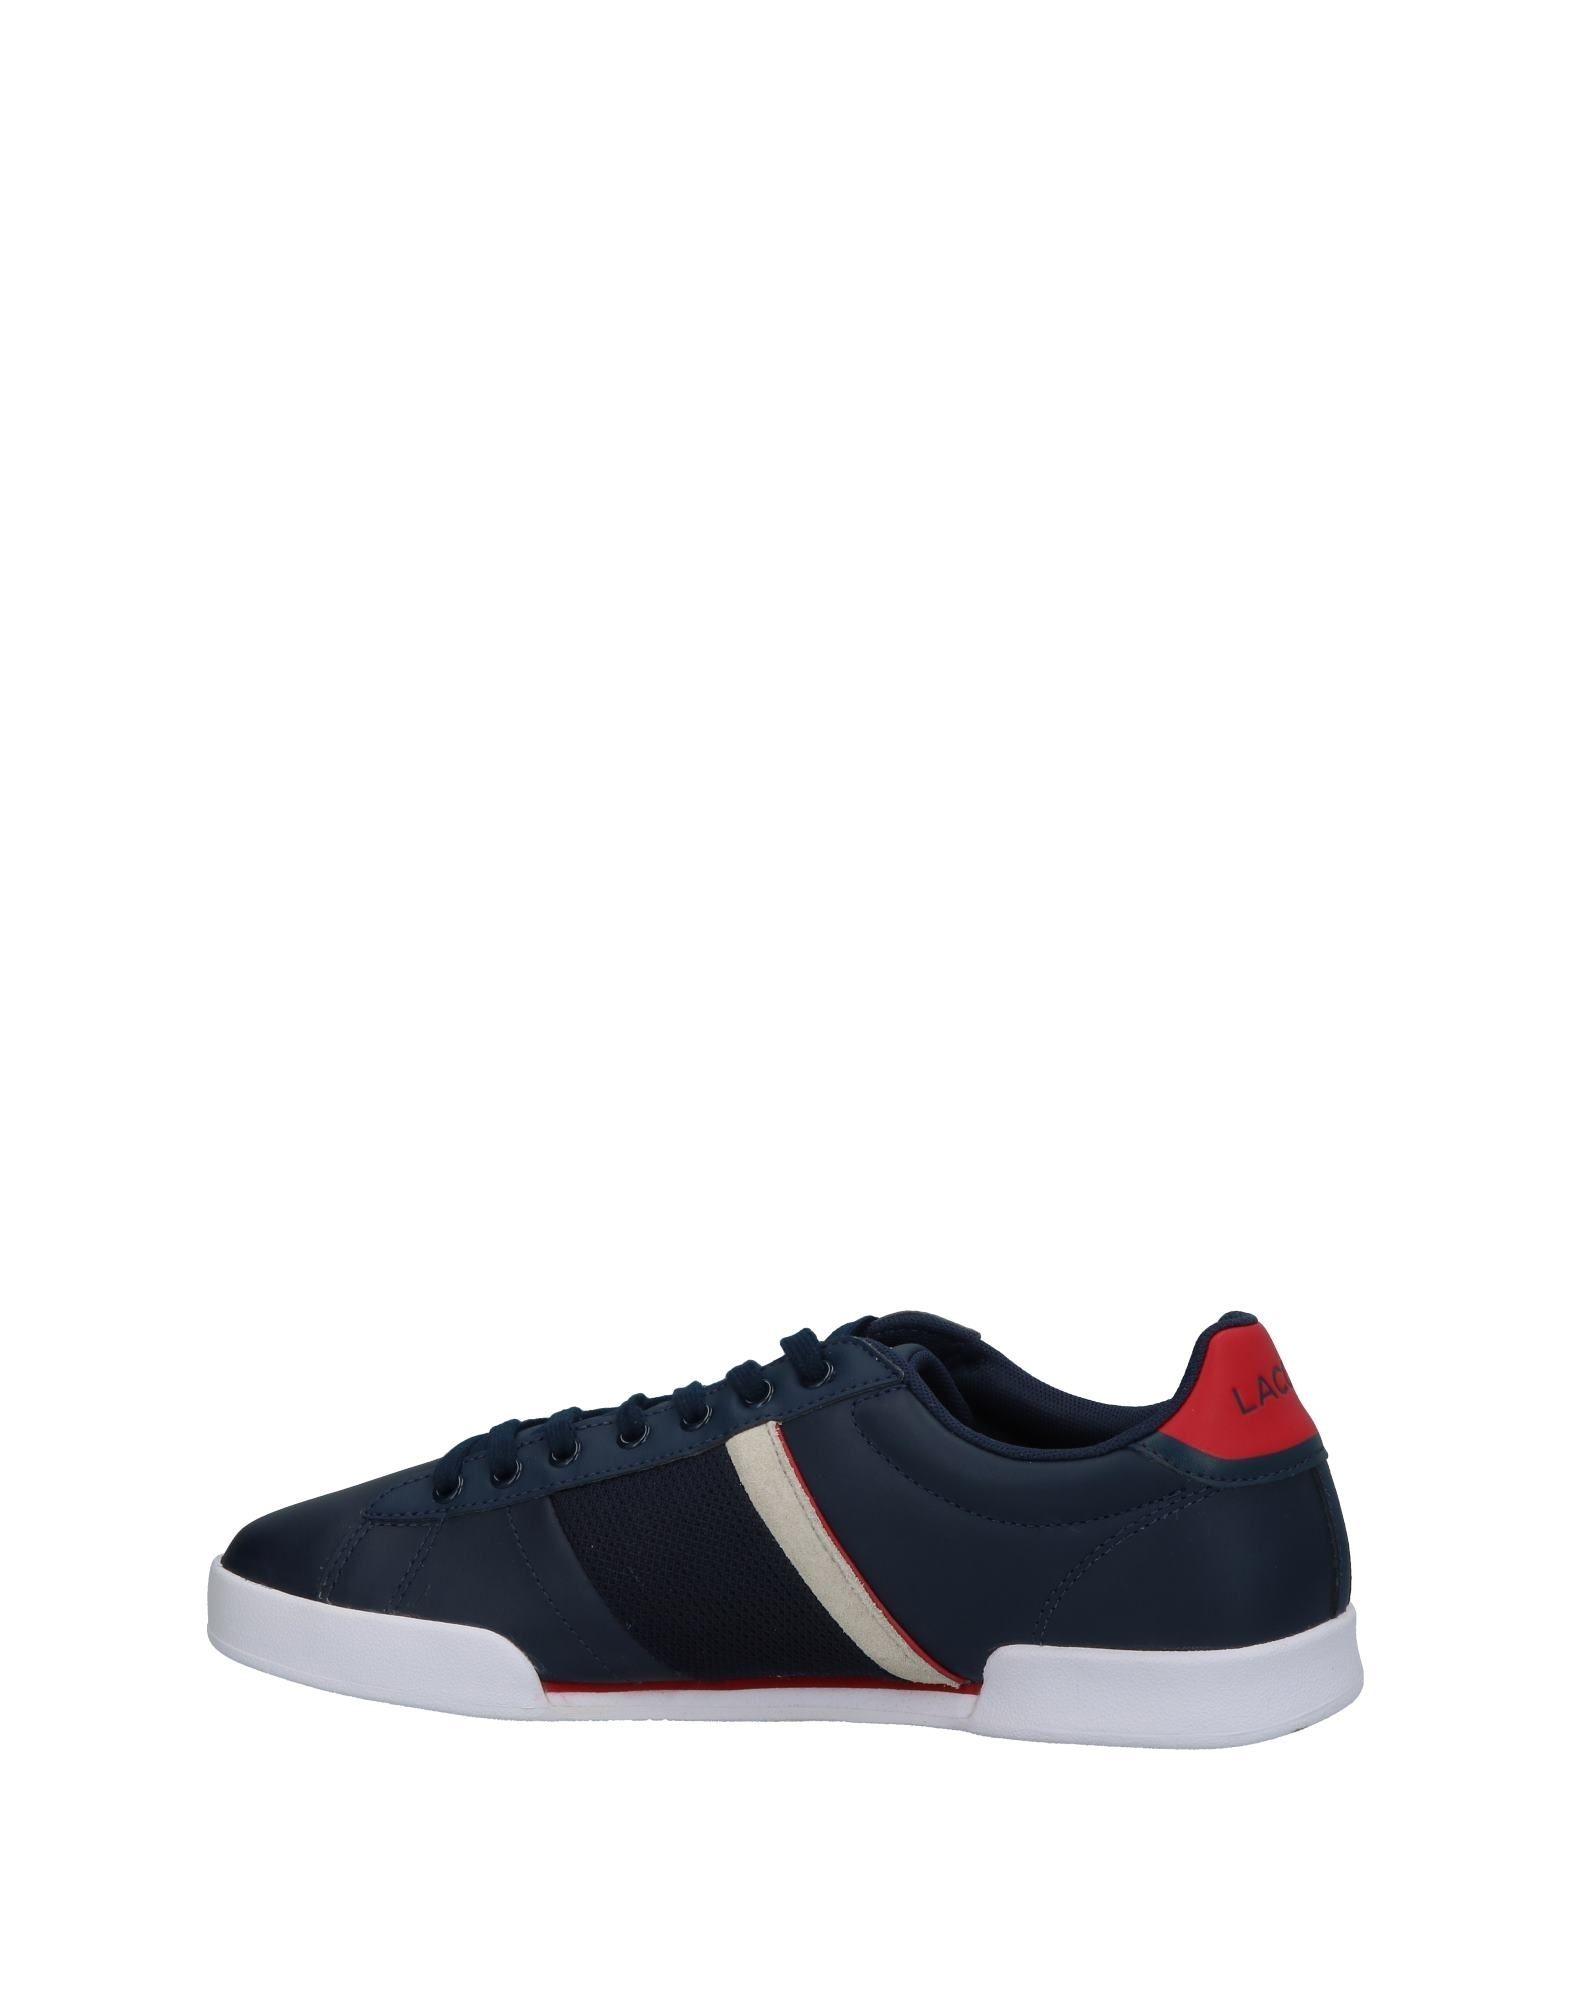 Rabatt echte Schuhe Lacoste Sneakers Herren  11378152JK